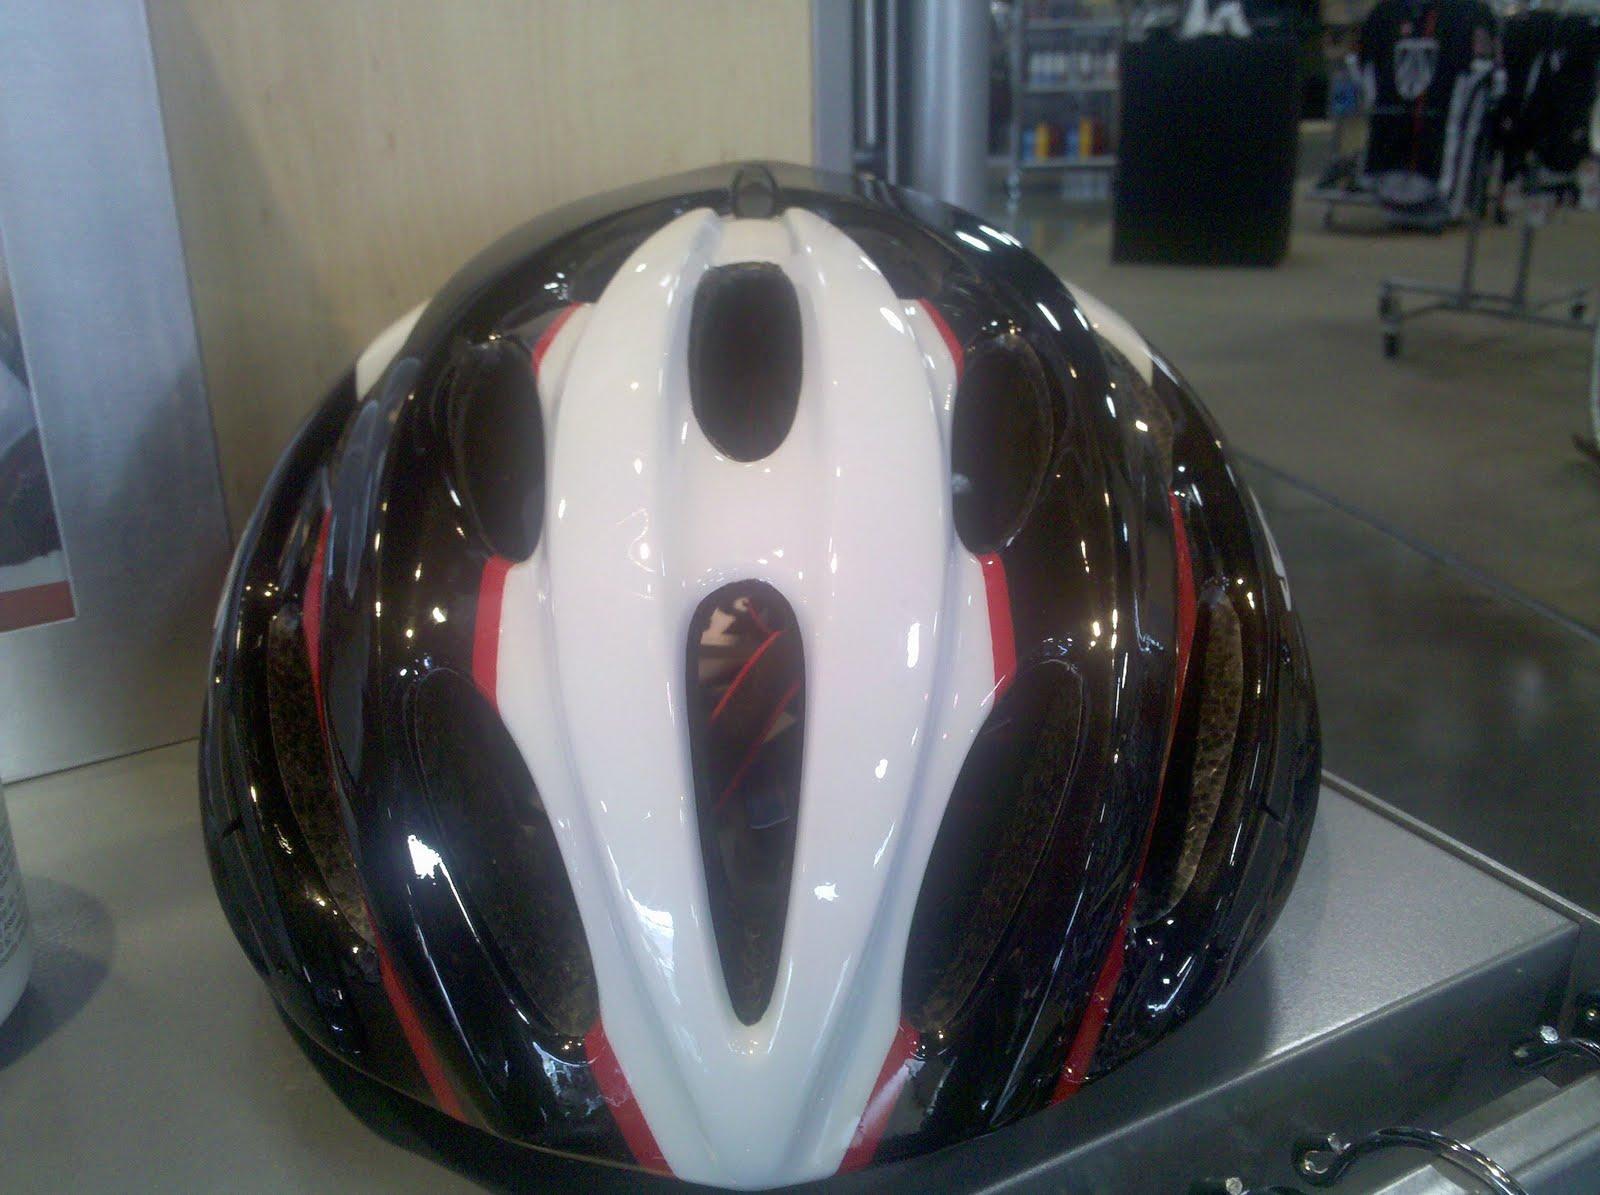 Trek Bicycle Store AMERICAN FORK: New Helmet ... New Ride ...